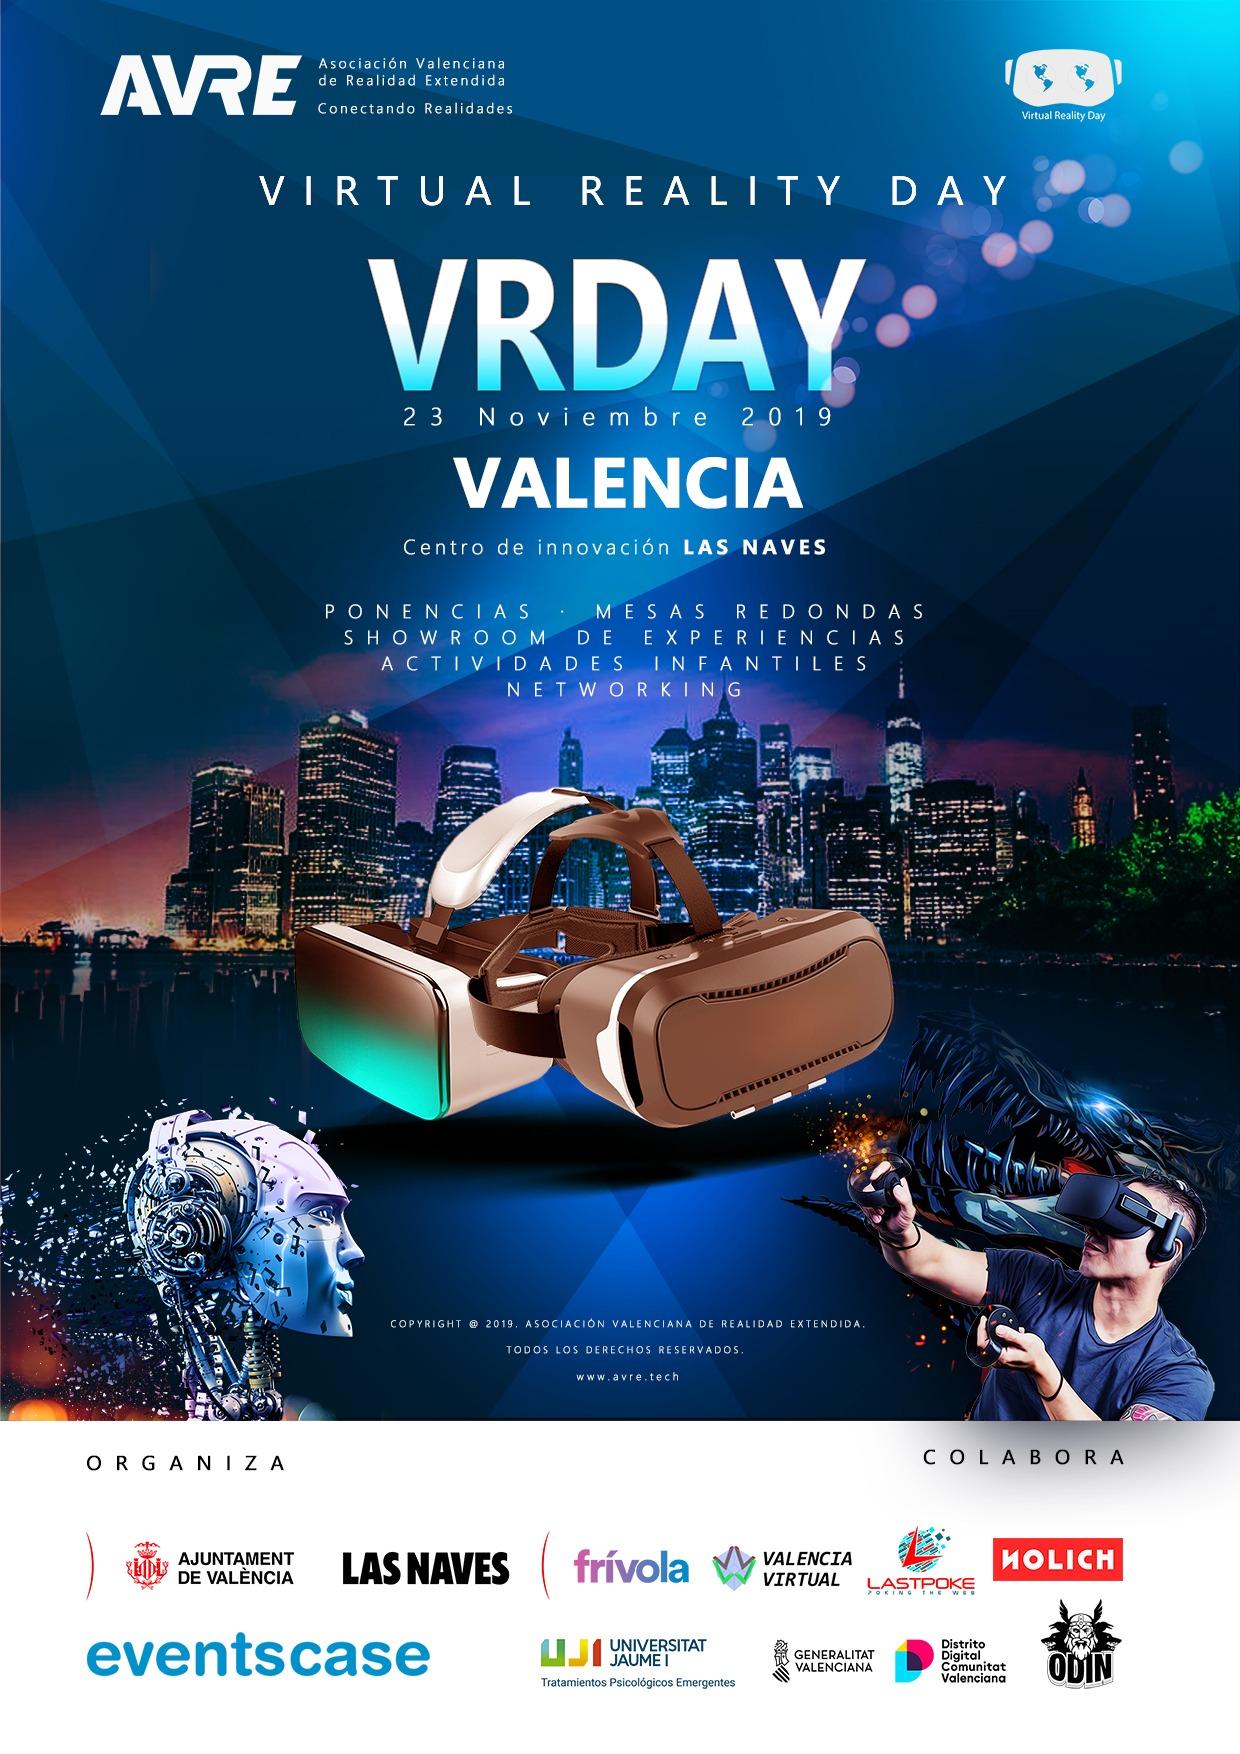 realidad virtual gafas cartel visor ciudad tecnología nolich avre